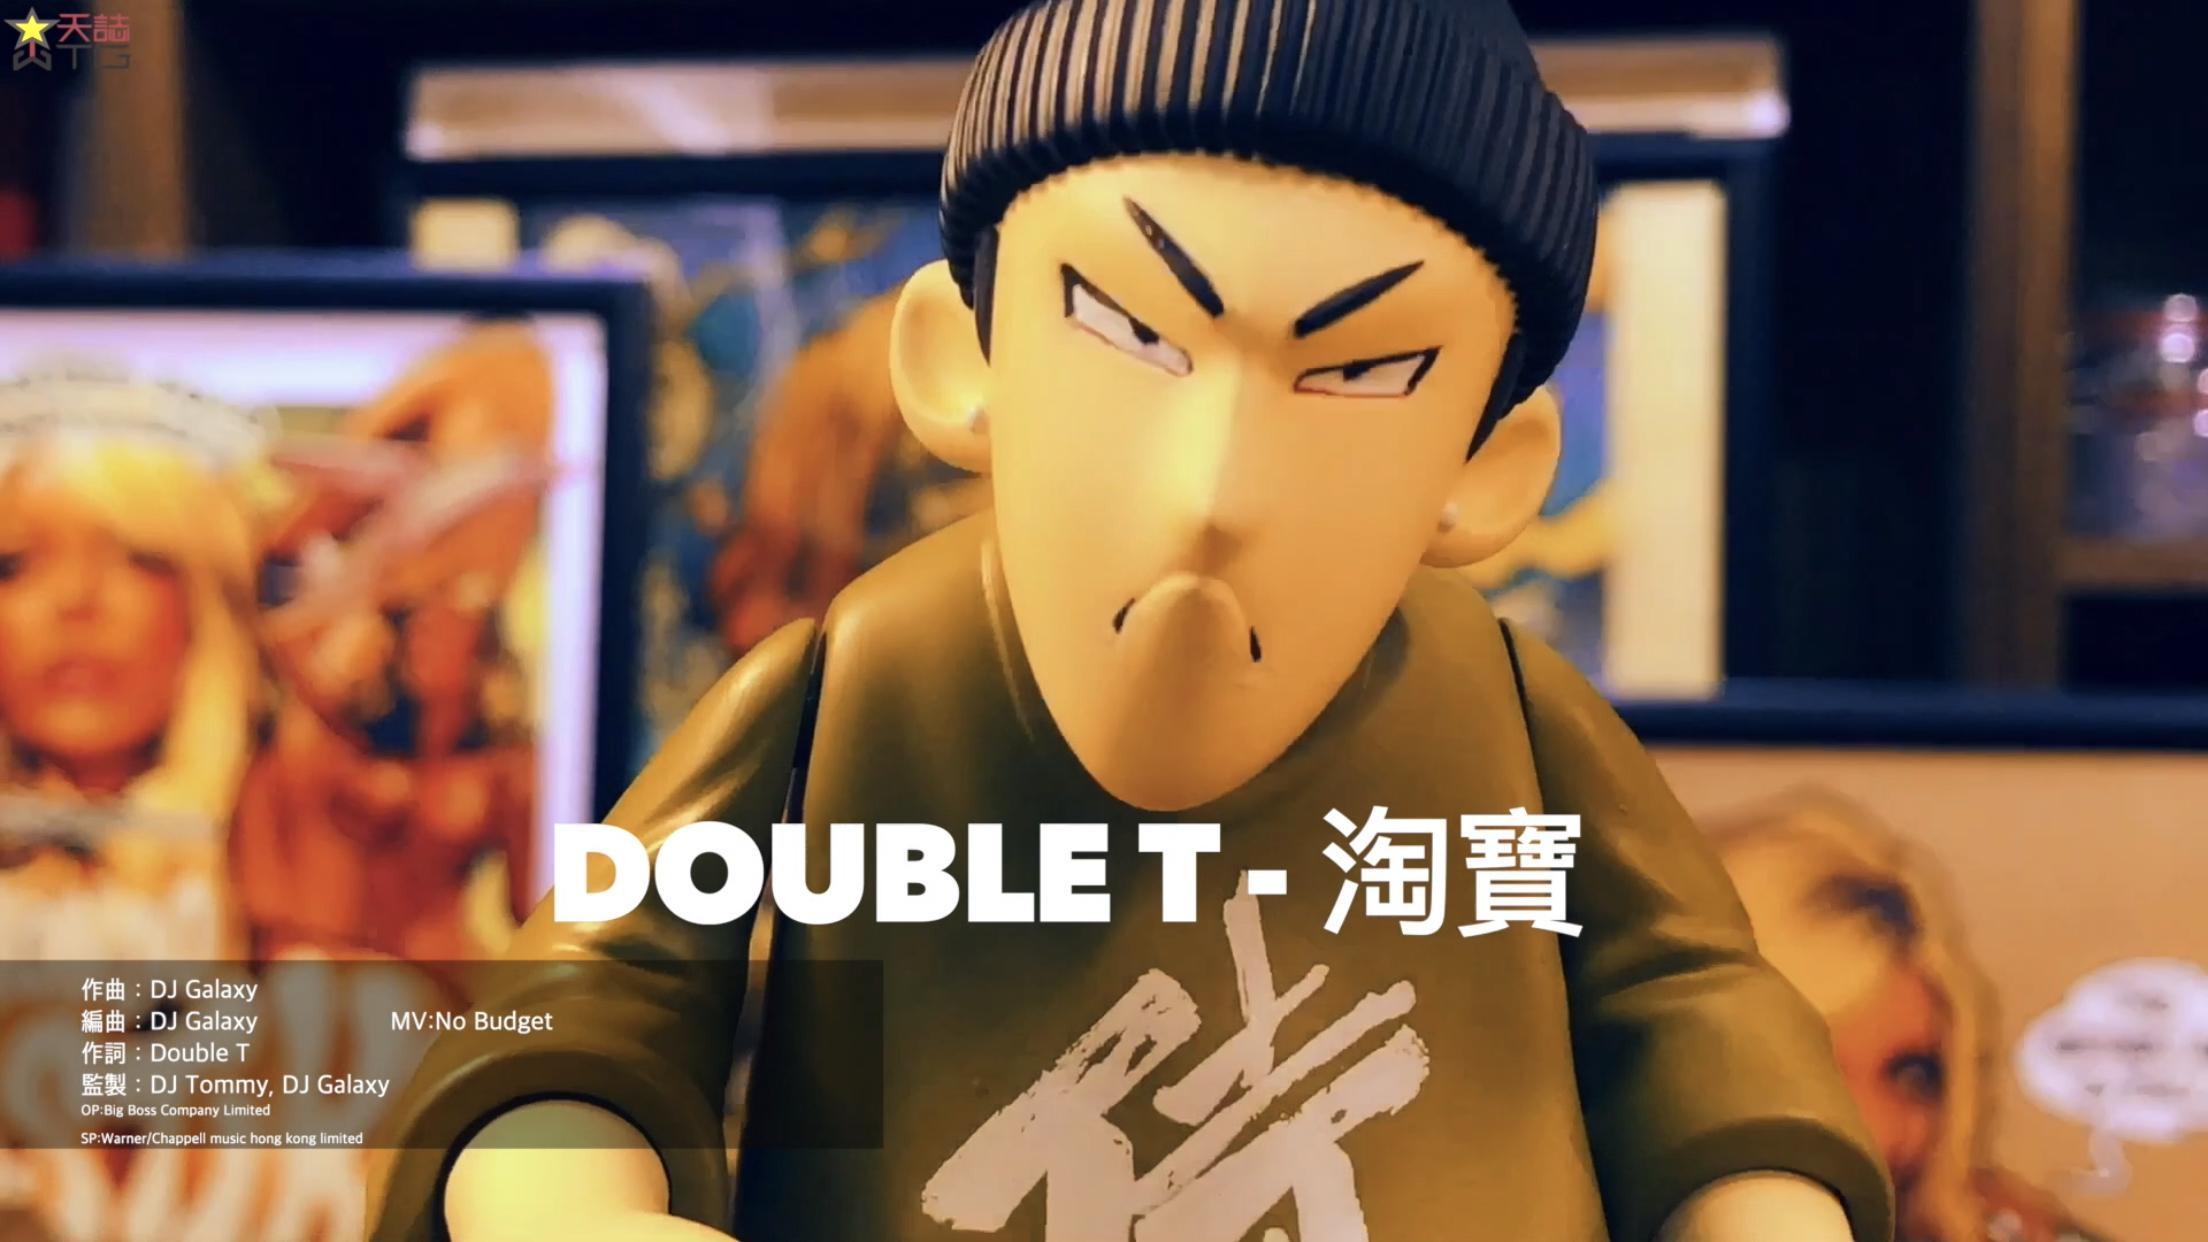 Double T - 淘寶